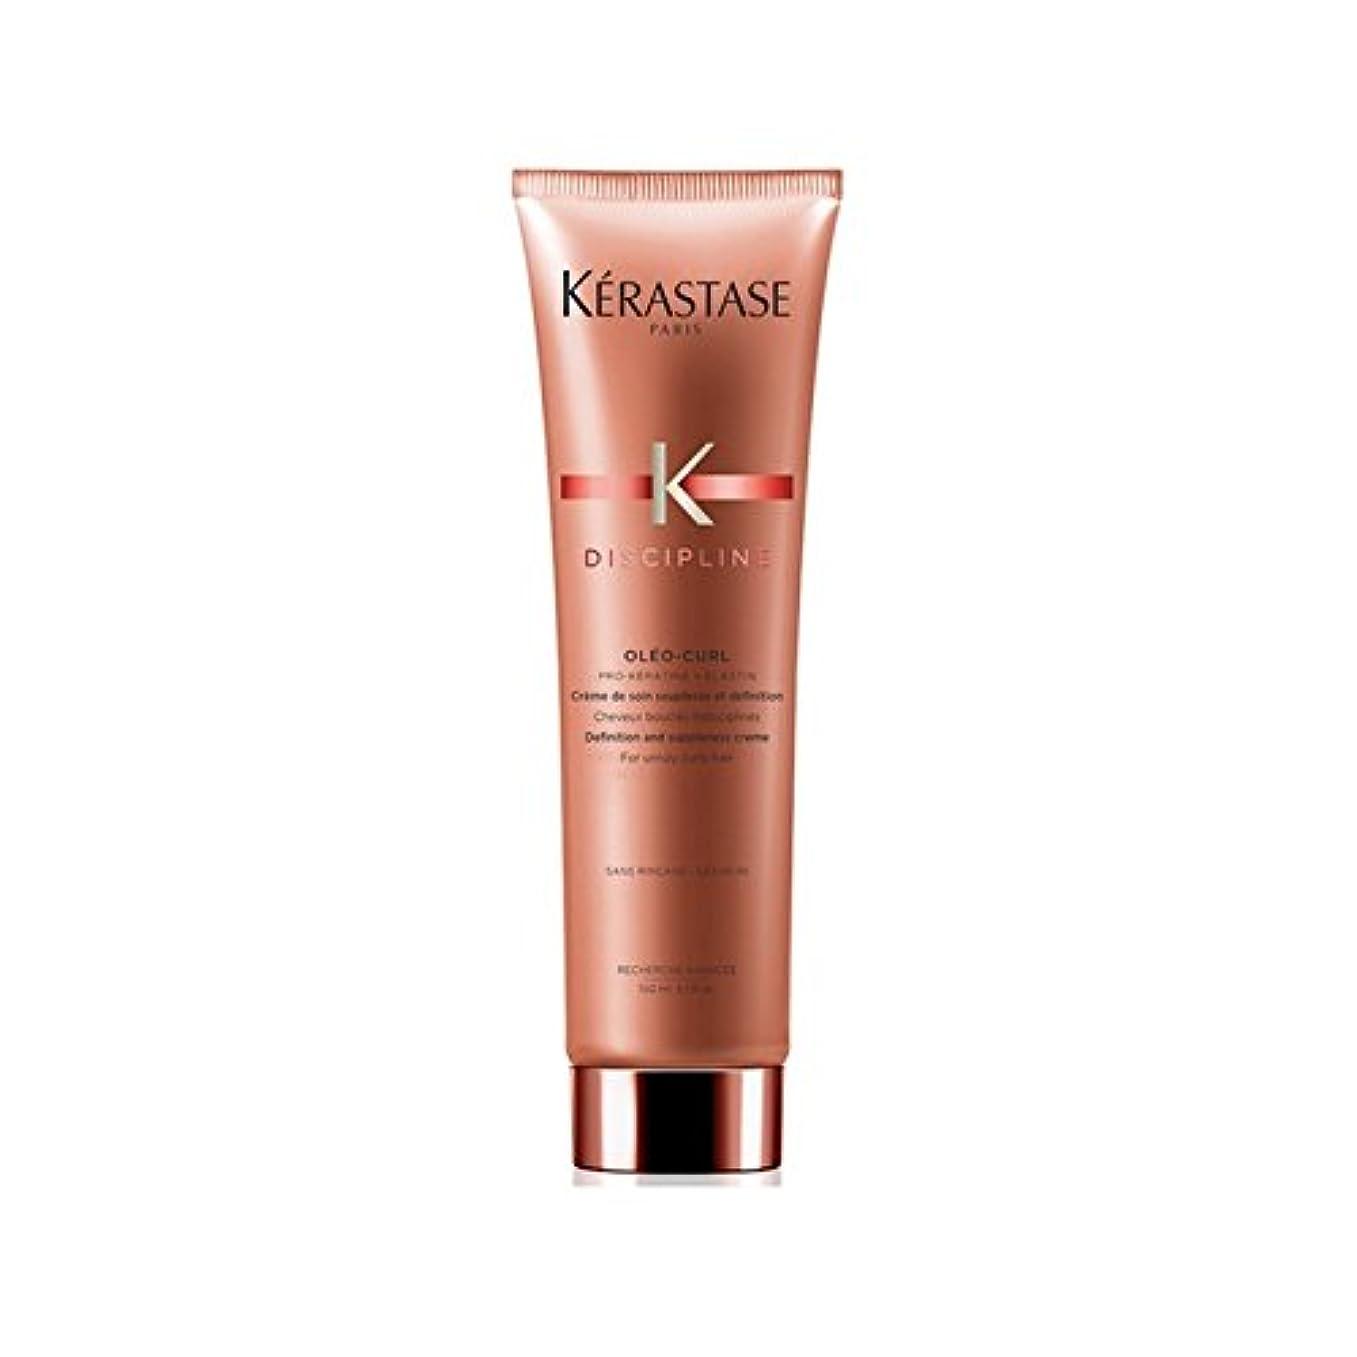 五十トン追記K?rastase Discipline Curl Ideal Cleansing Conditioner 400ml (Pack of 6) - 理想的なクレンジングコンディショナー400ミリリットルカールケラスターゼの規律 x6 [並行輸入品]